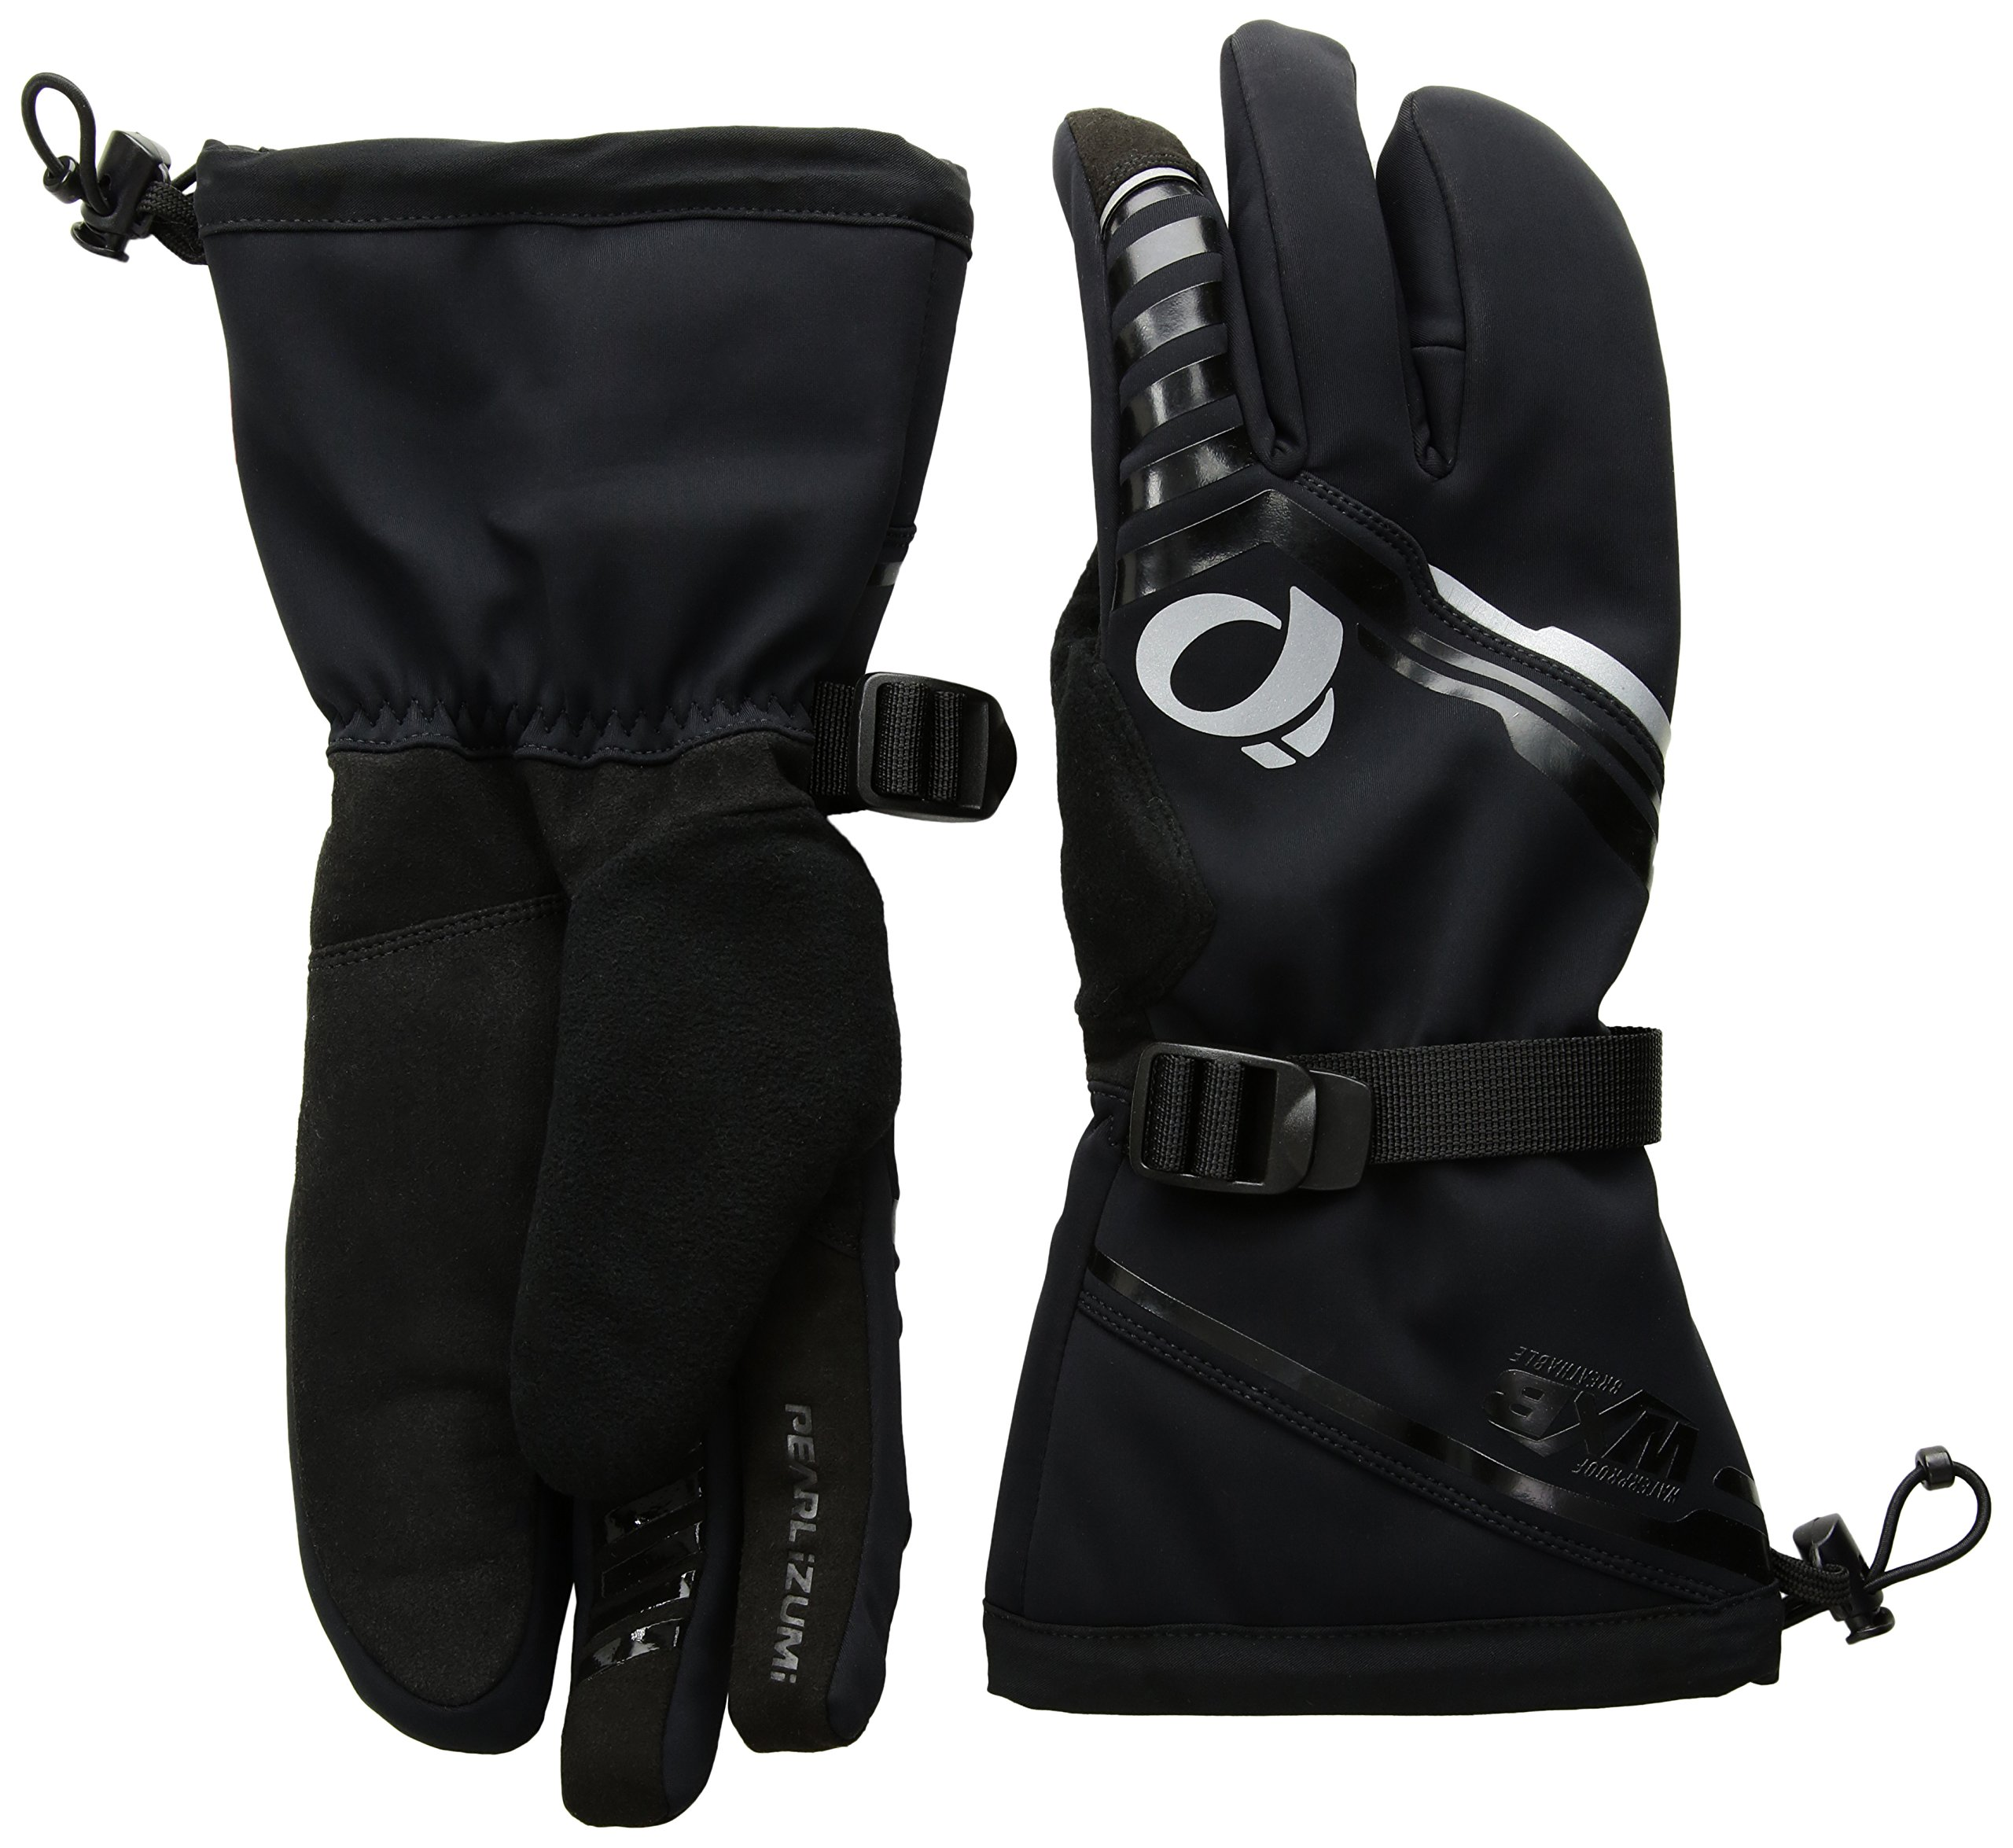 Pearl iZUMi Pro Amfib Super Gloves, Black, X-Large by PEARL IZUMI